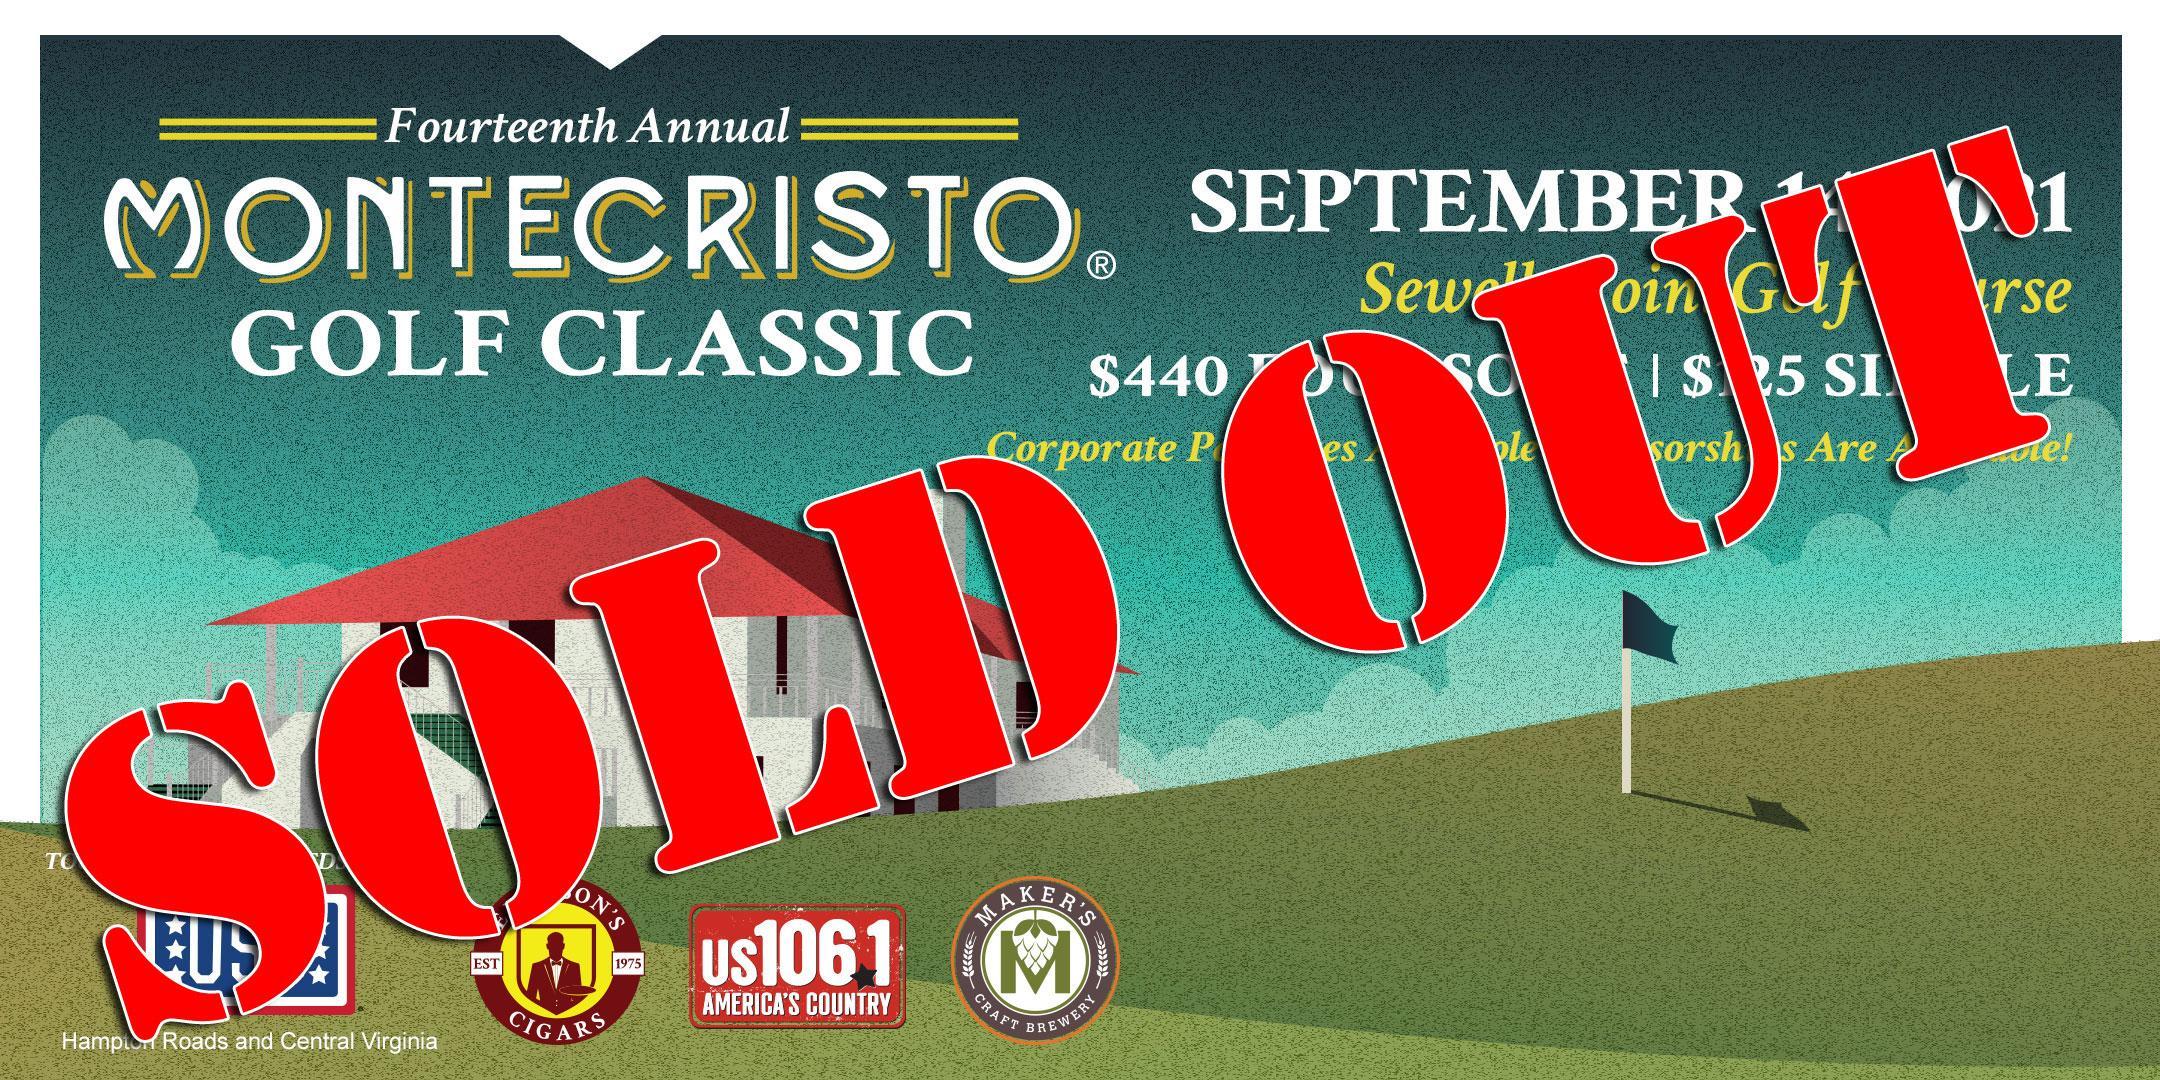 14th Annual Montecristo Golf Classic